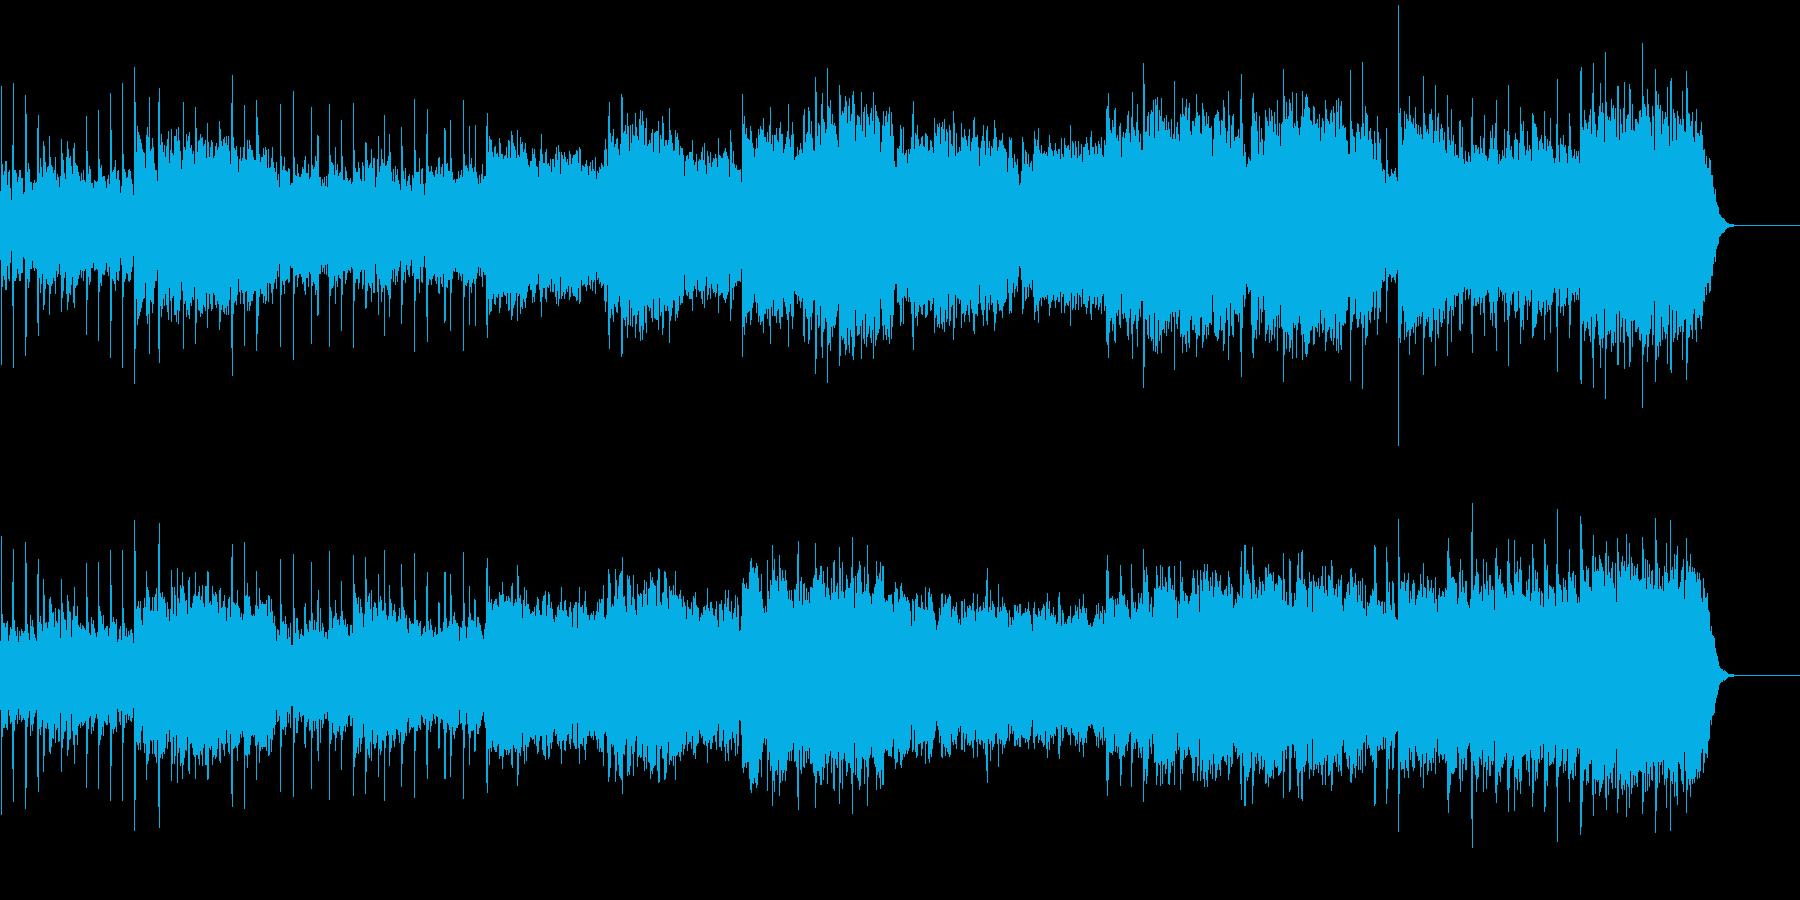 組曲「展覧会の絵」より第一プロムナードの再生済みの波形